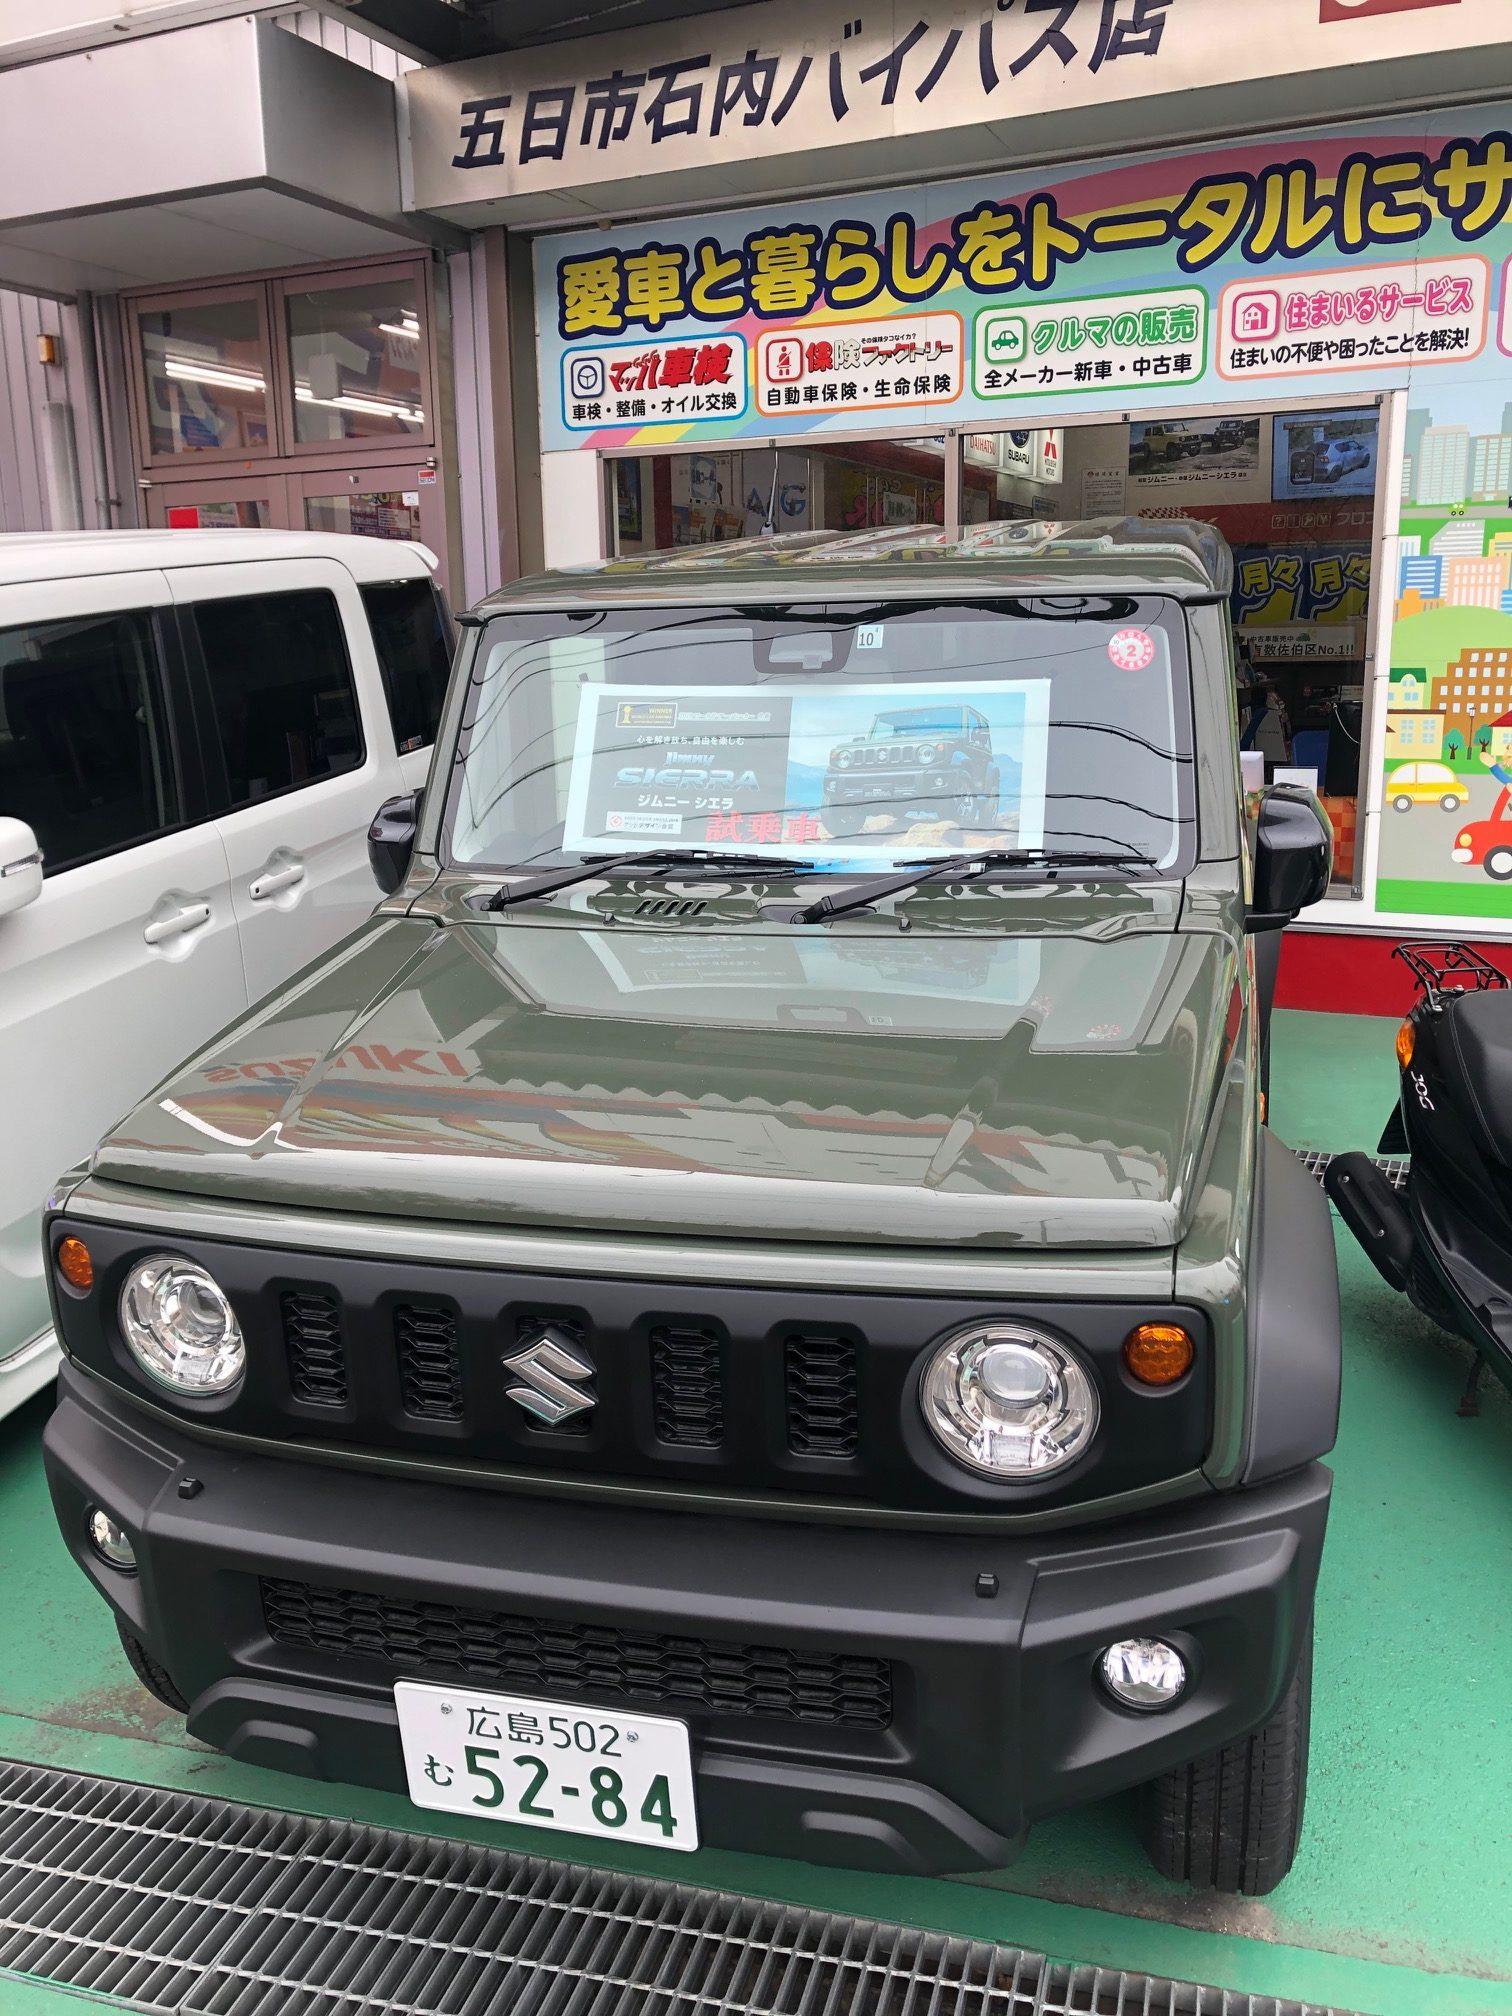 マッハ車検五日市石内バイパス店の試乗車入替しましたよ~